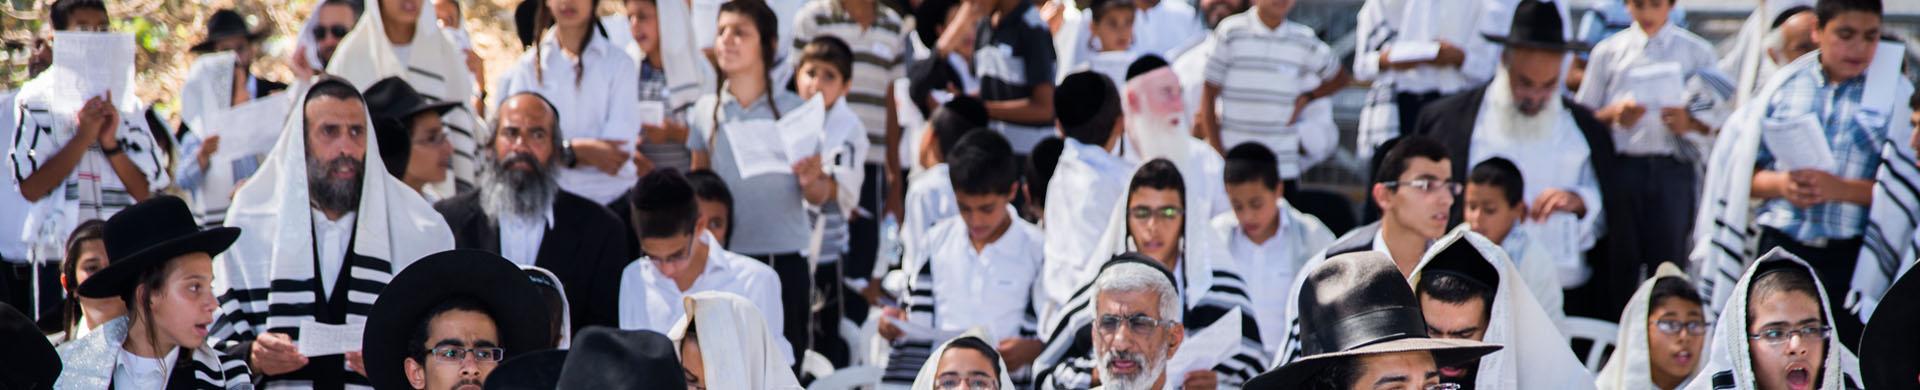 """תפילה הילדים שע""""י ארגון אלפי יהודה במירון ליד קבר רשב""""י"""